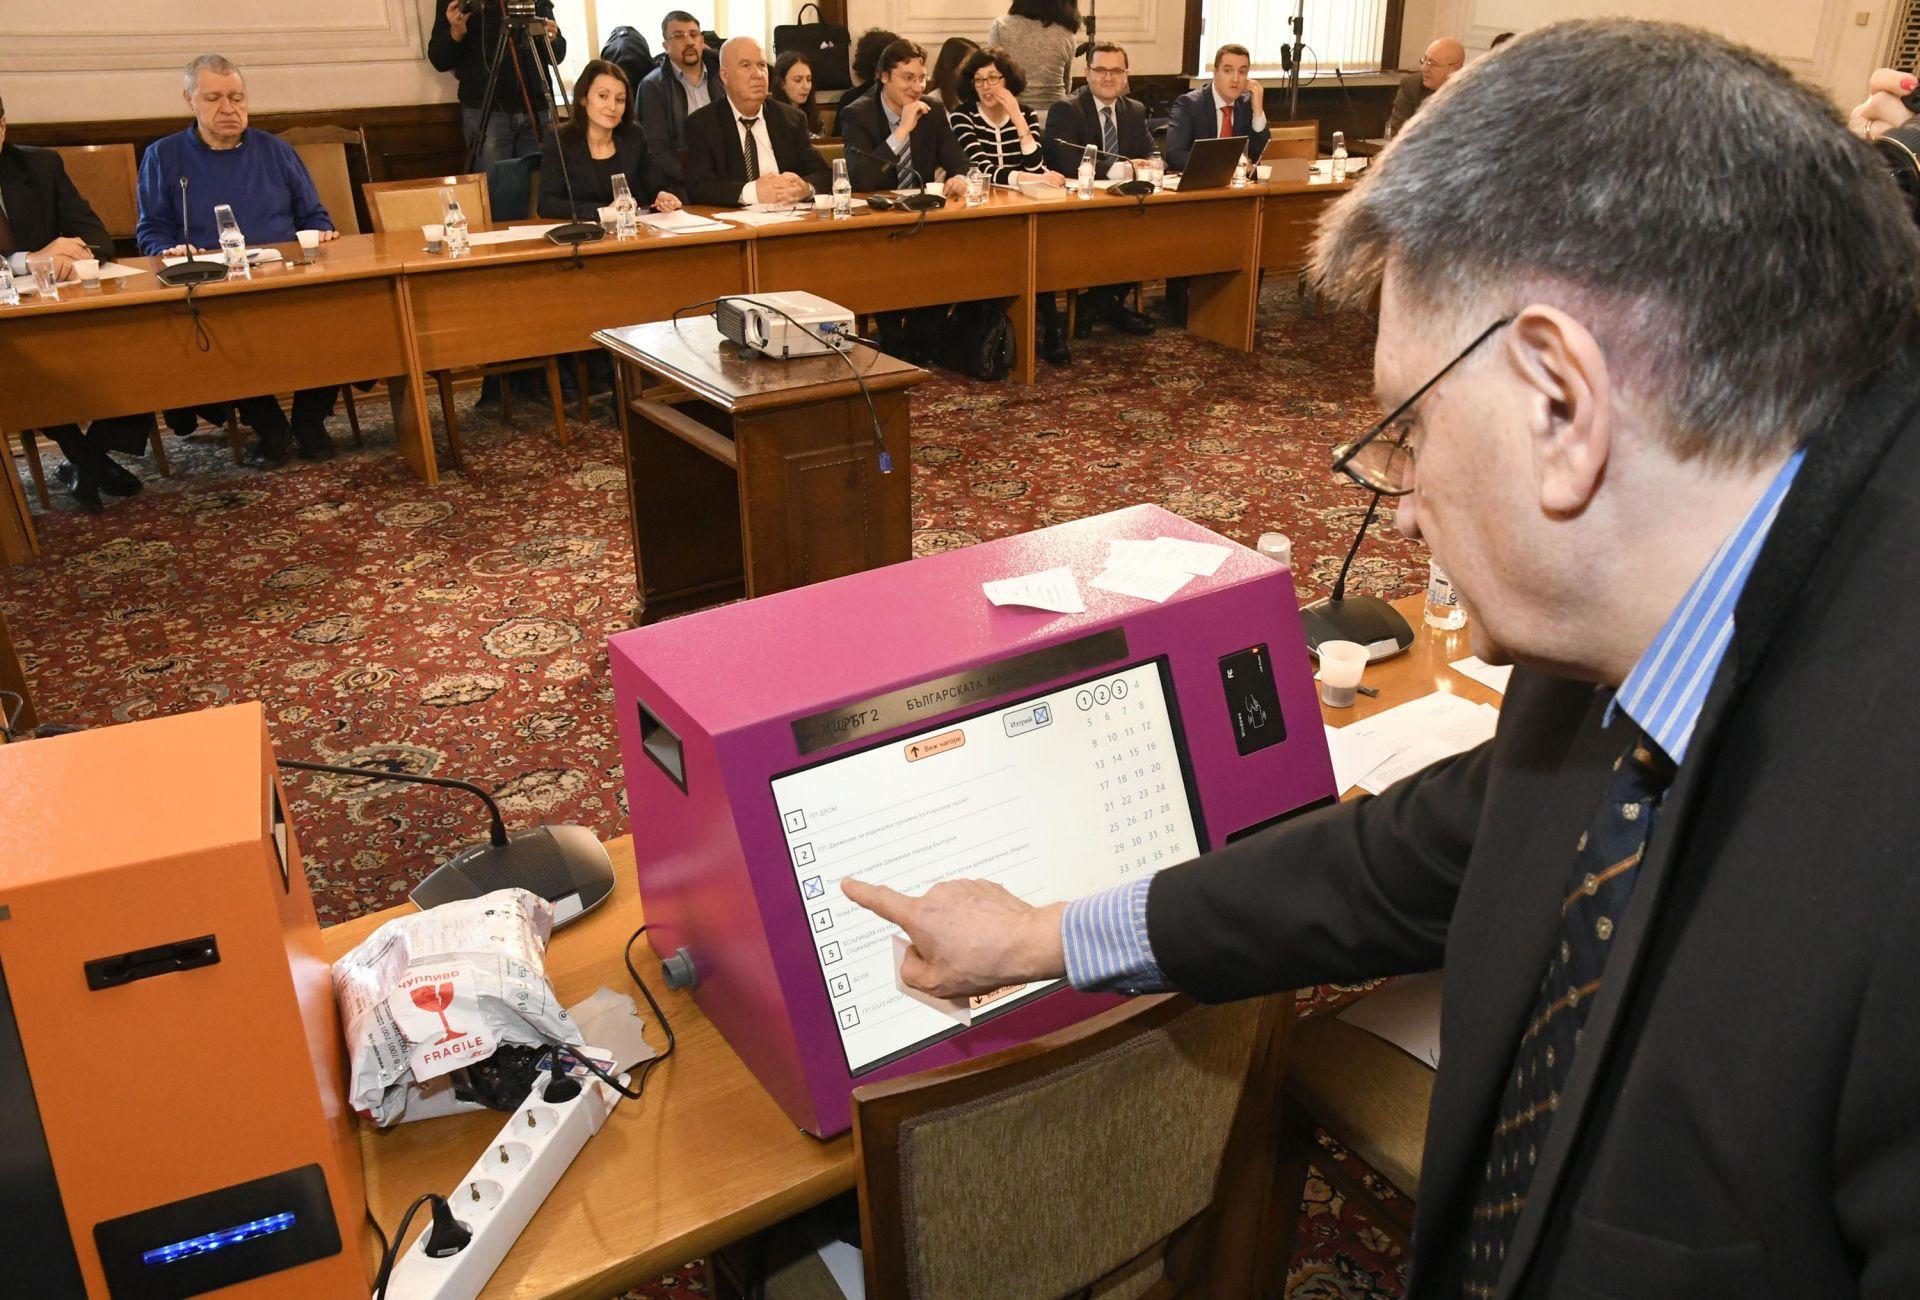 Българският изобретател инженер Александър Чобанов показа нова машина за гласуване пред членовете на правната парламентарна комисия